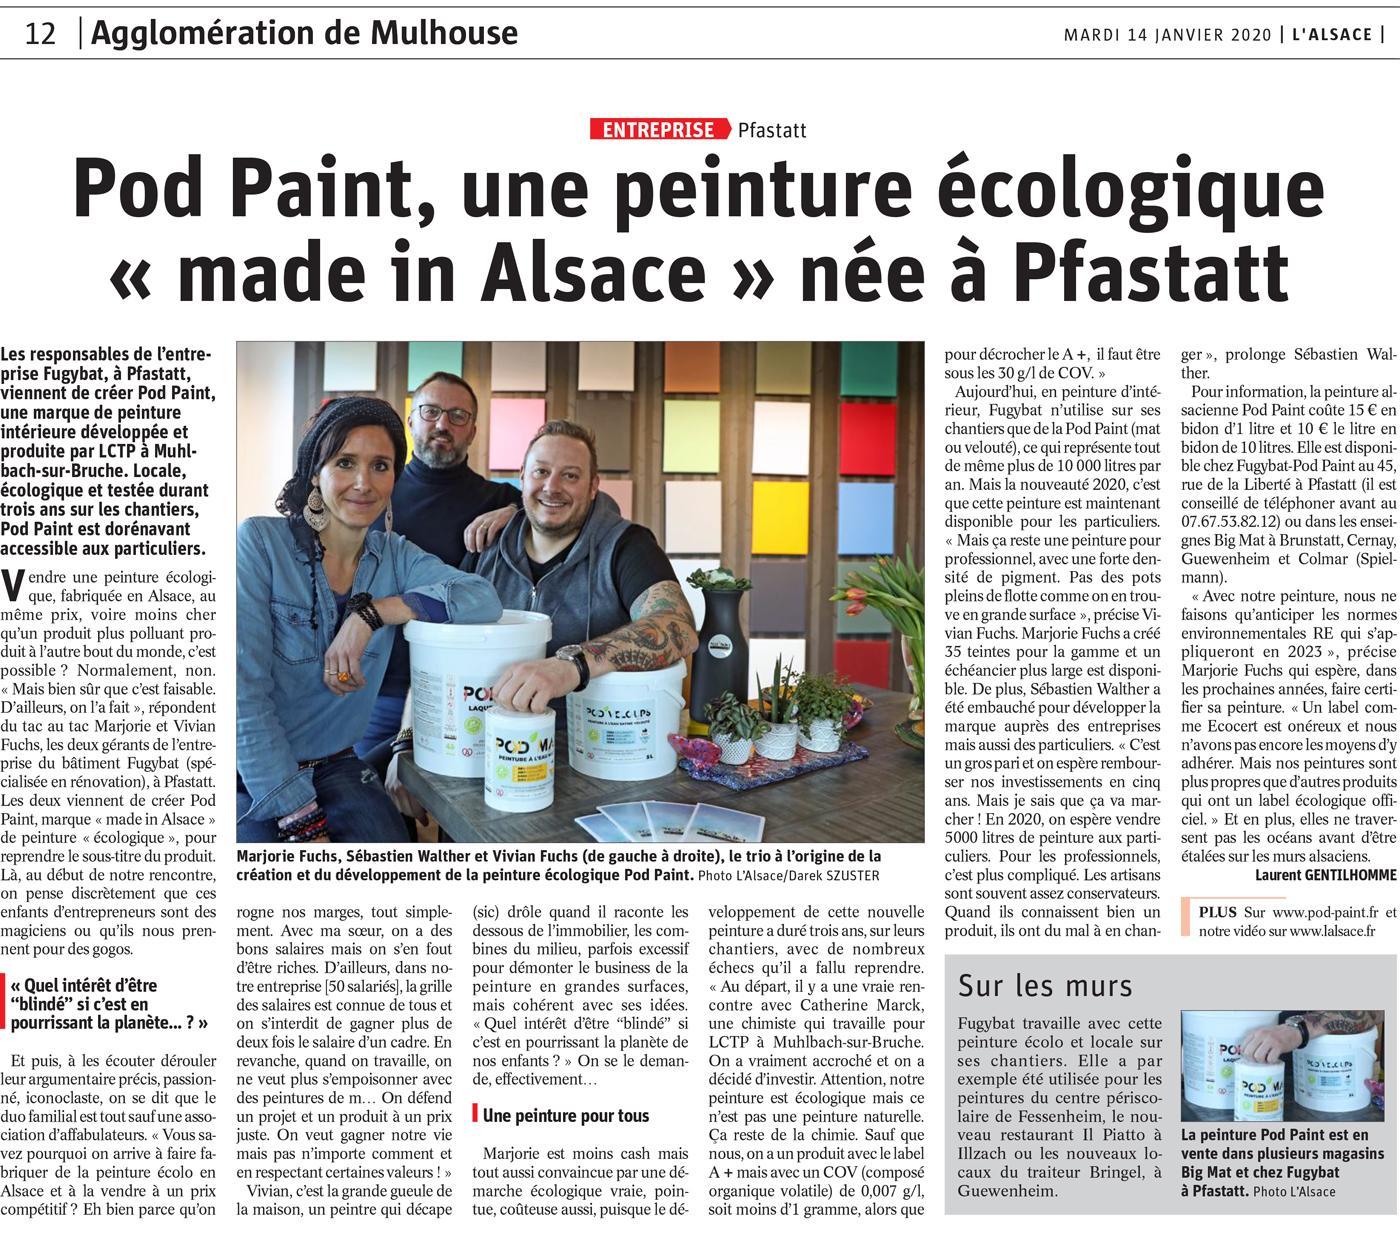 Peinture Made in Alsace - journal du 14/01/2020